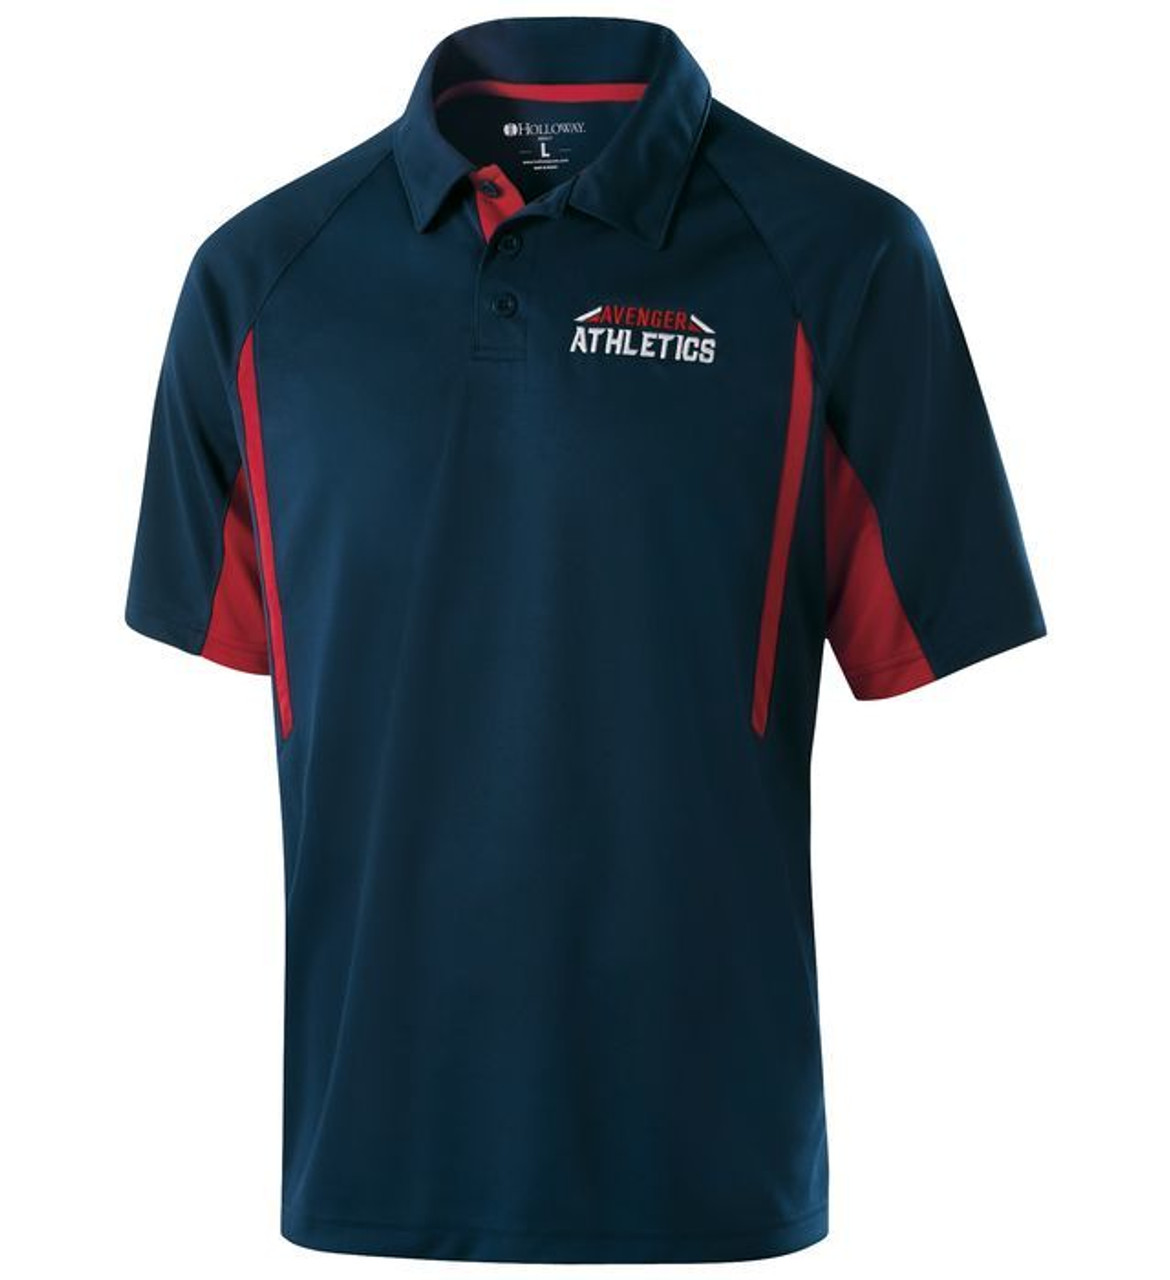 Coach's Shirts